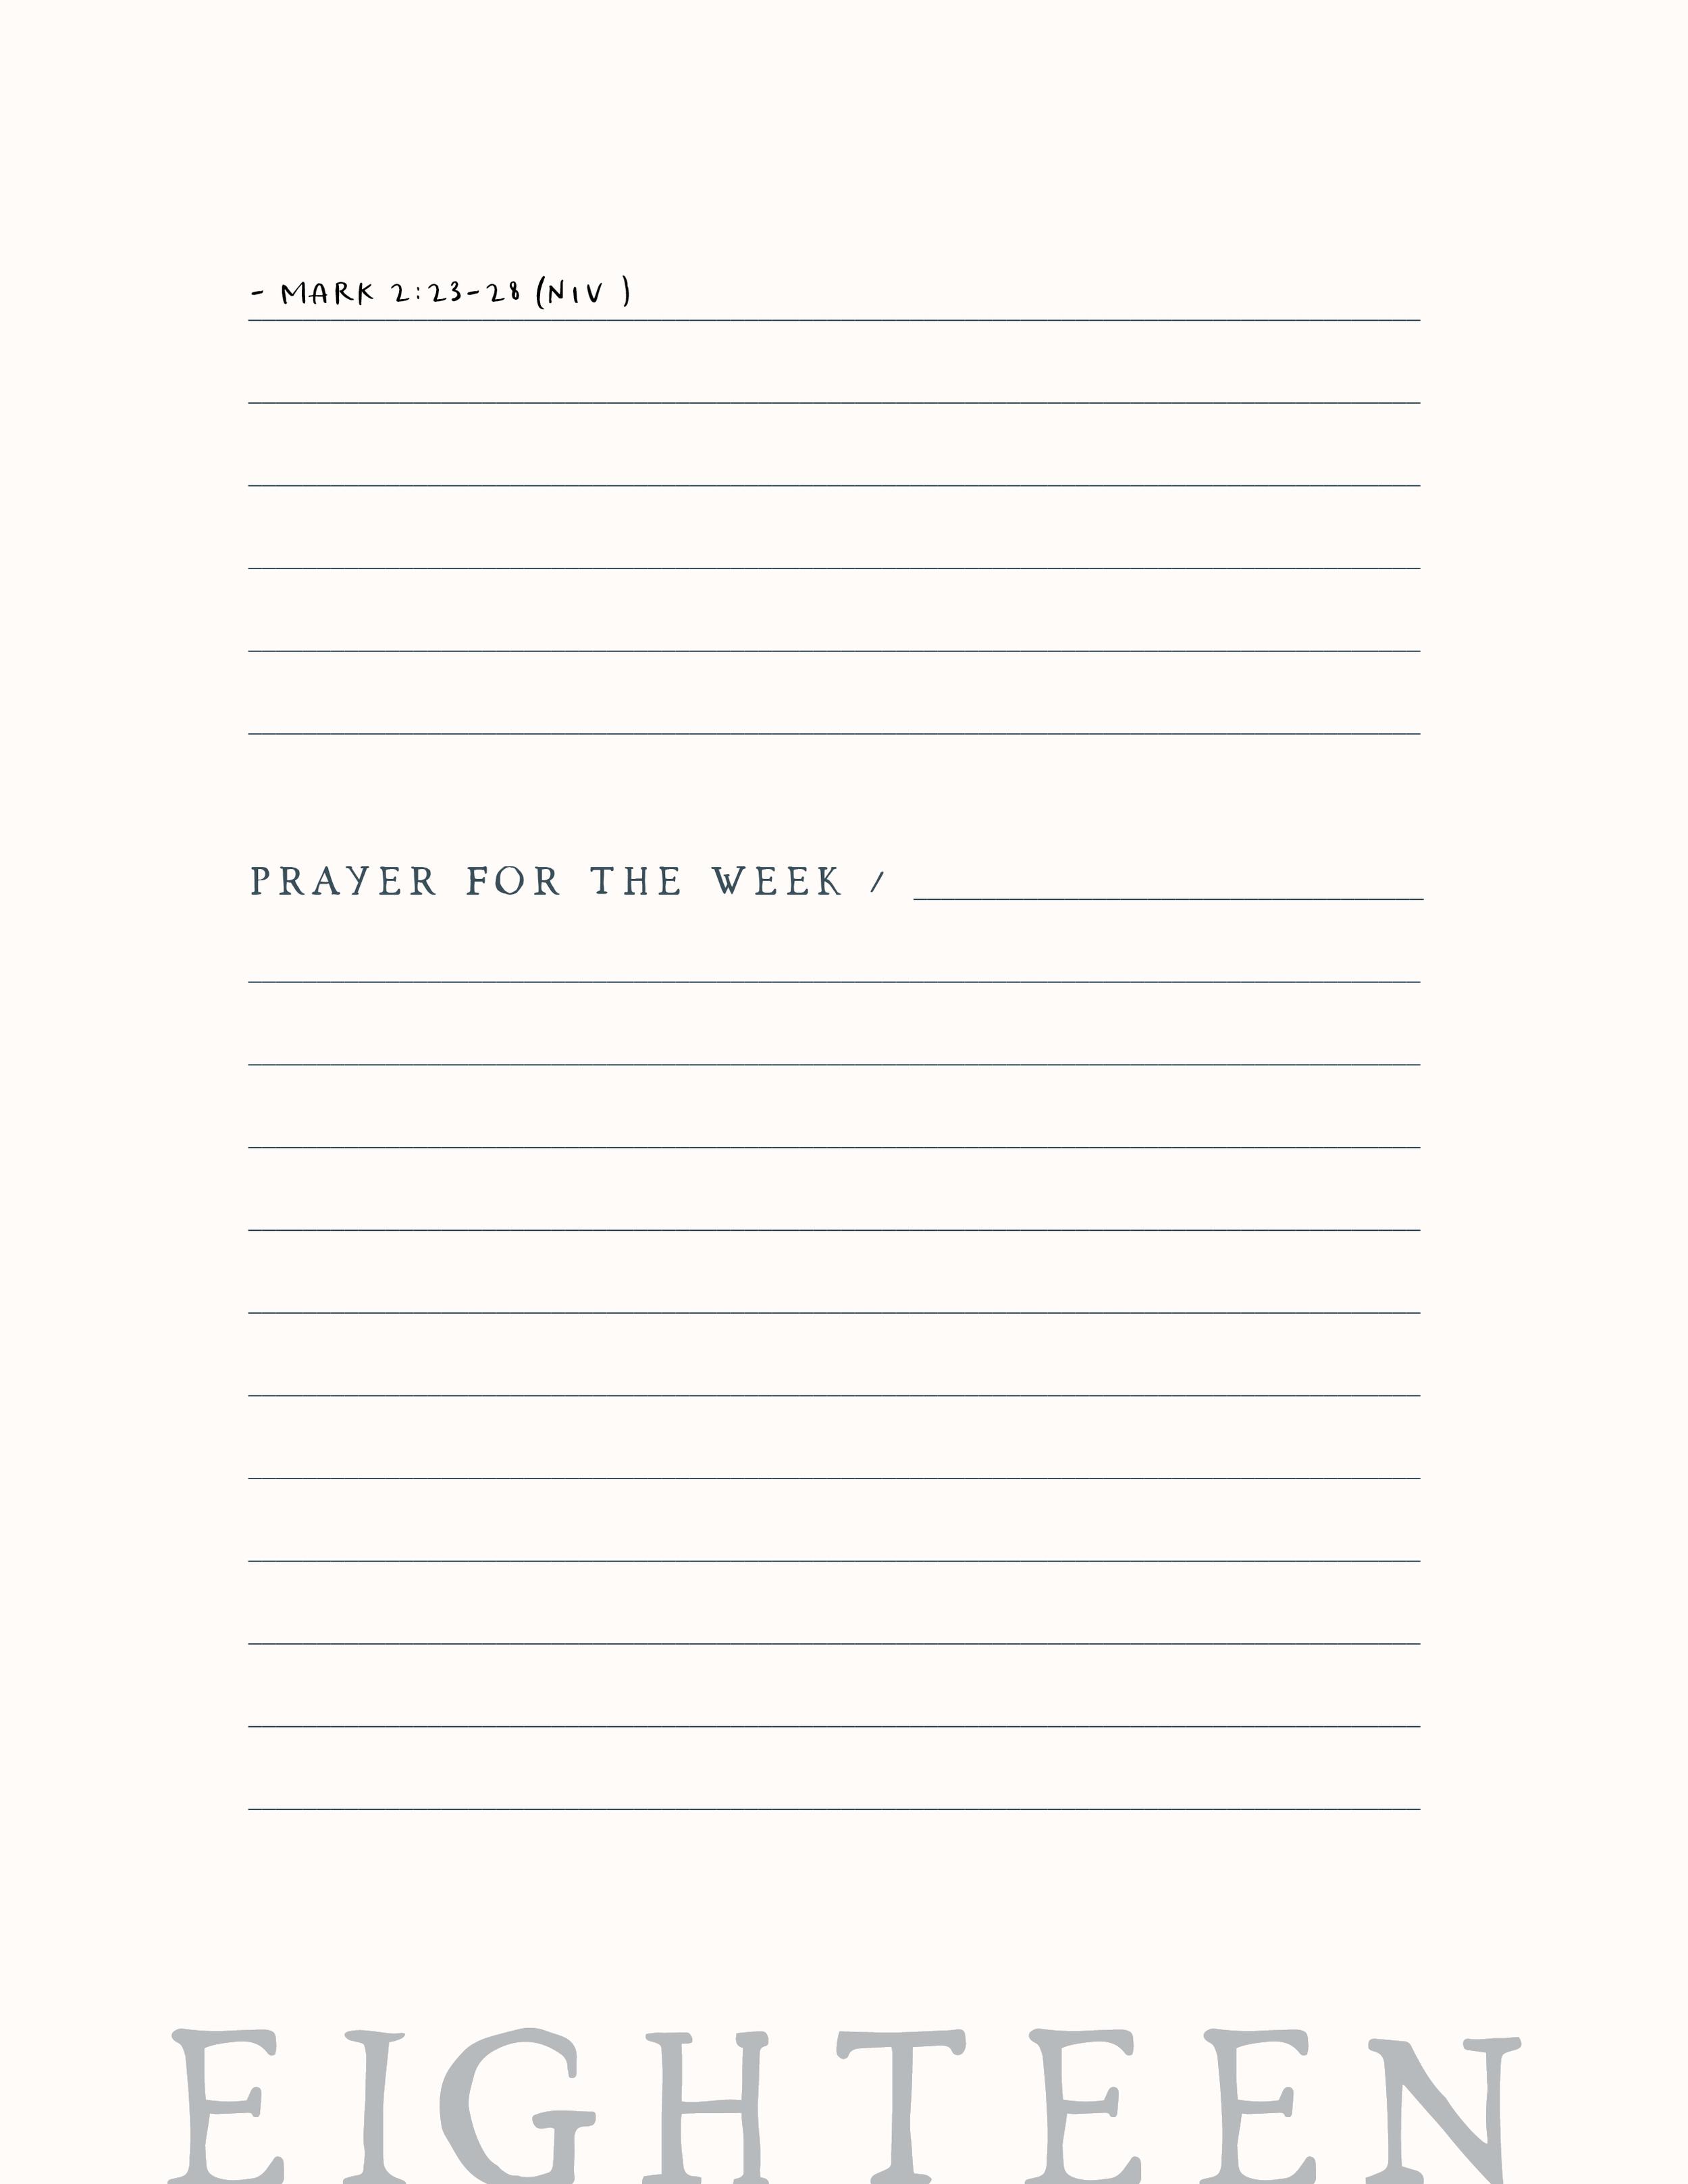 week18_2.png